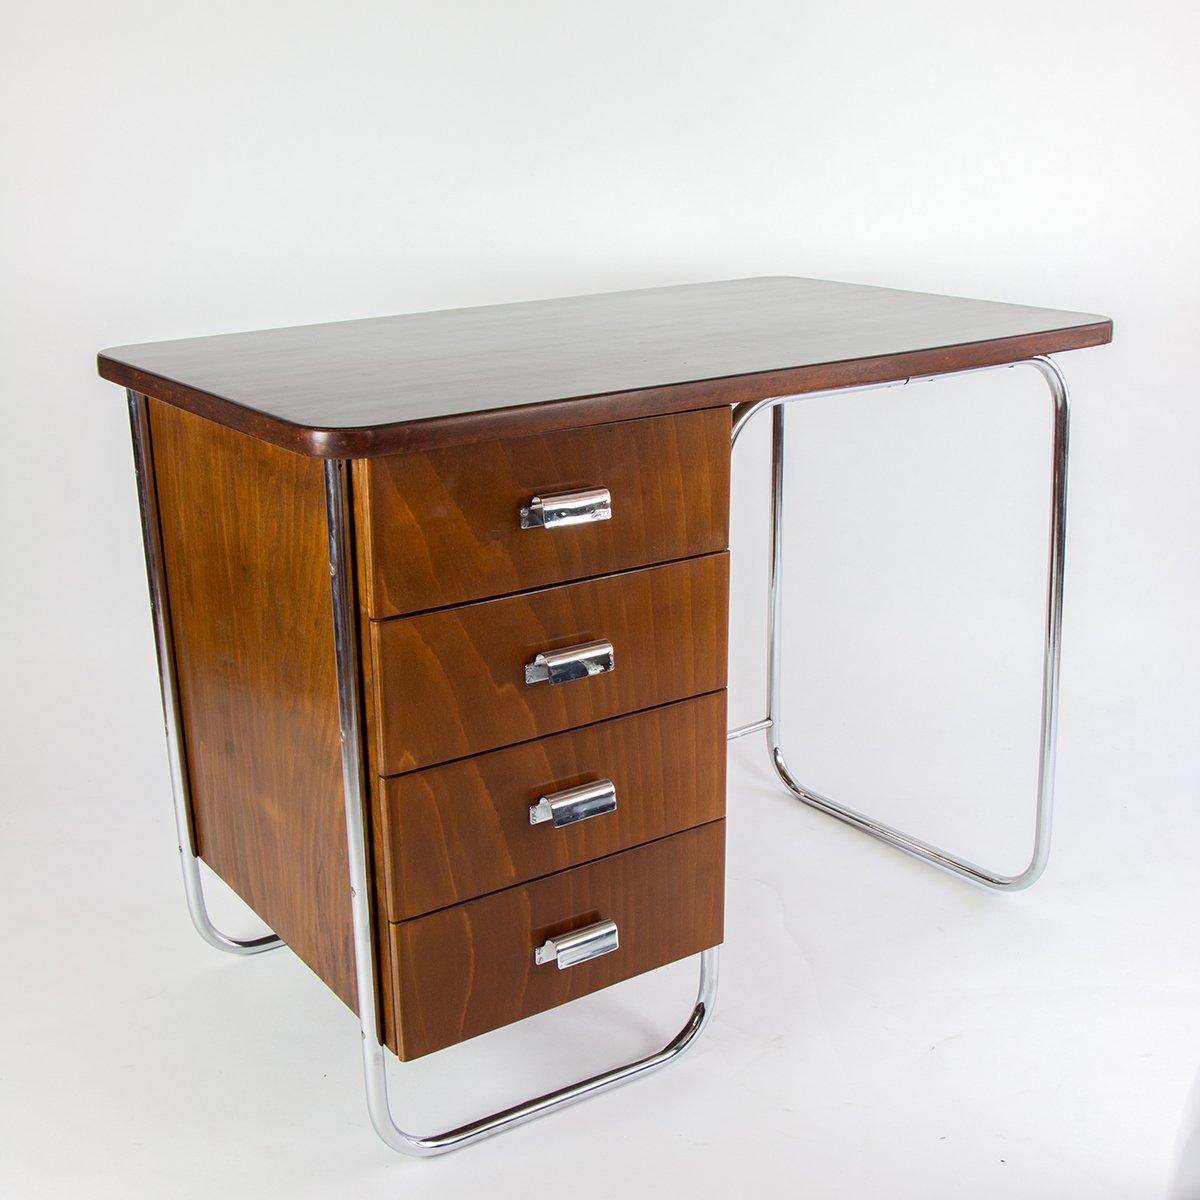 Vintage schreibtisch mit stahlrohr untergestell bei pamono for Schreibtisch untergestell